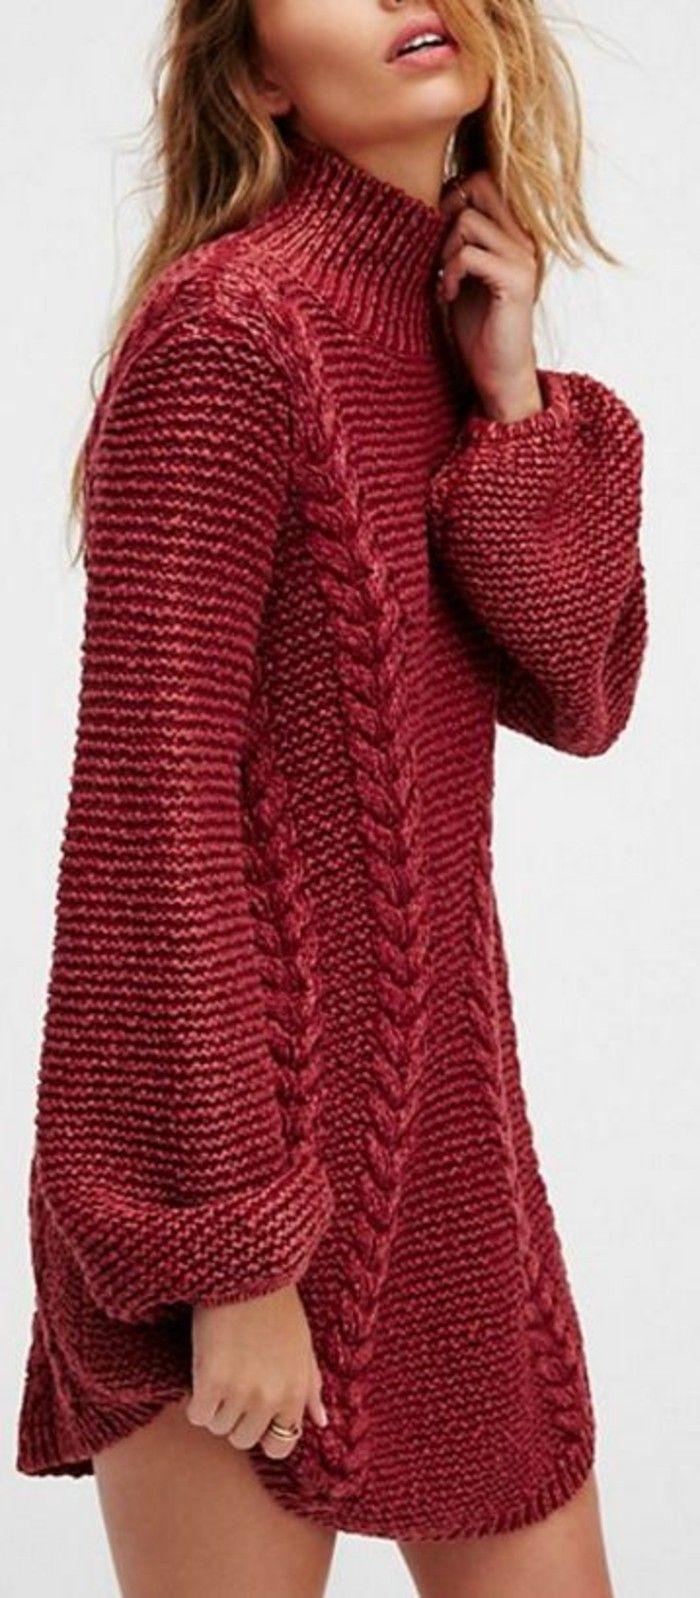 c7505b6b60a ▷ 1001+ Idées pour porter votre robe en laine + les looks hot ...